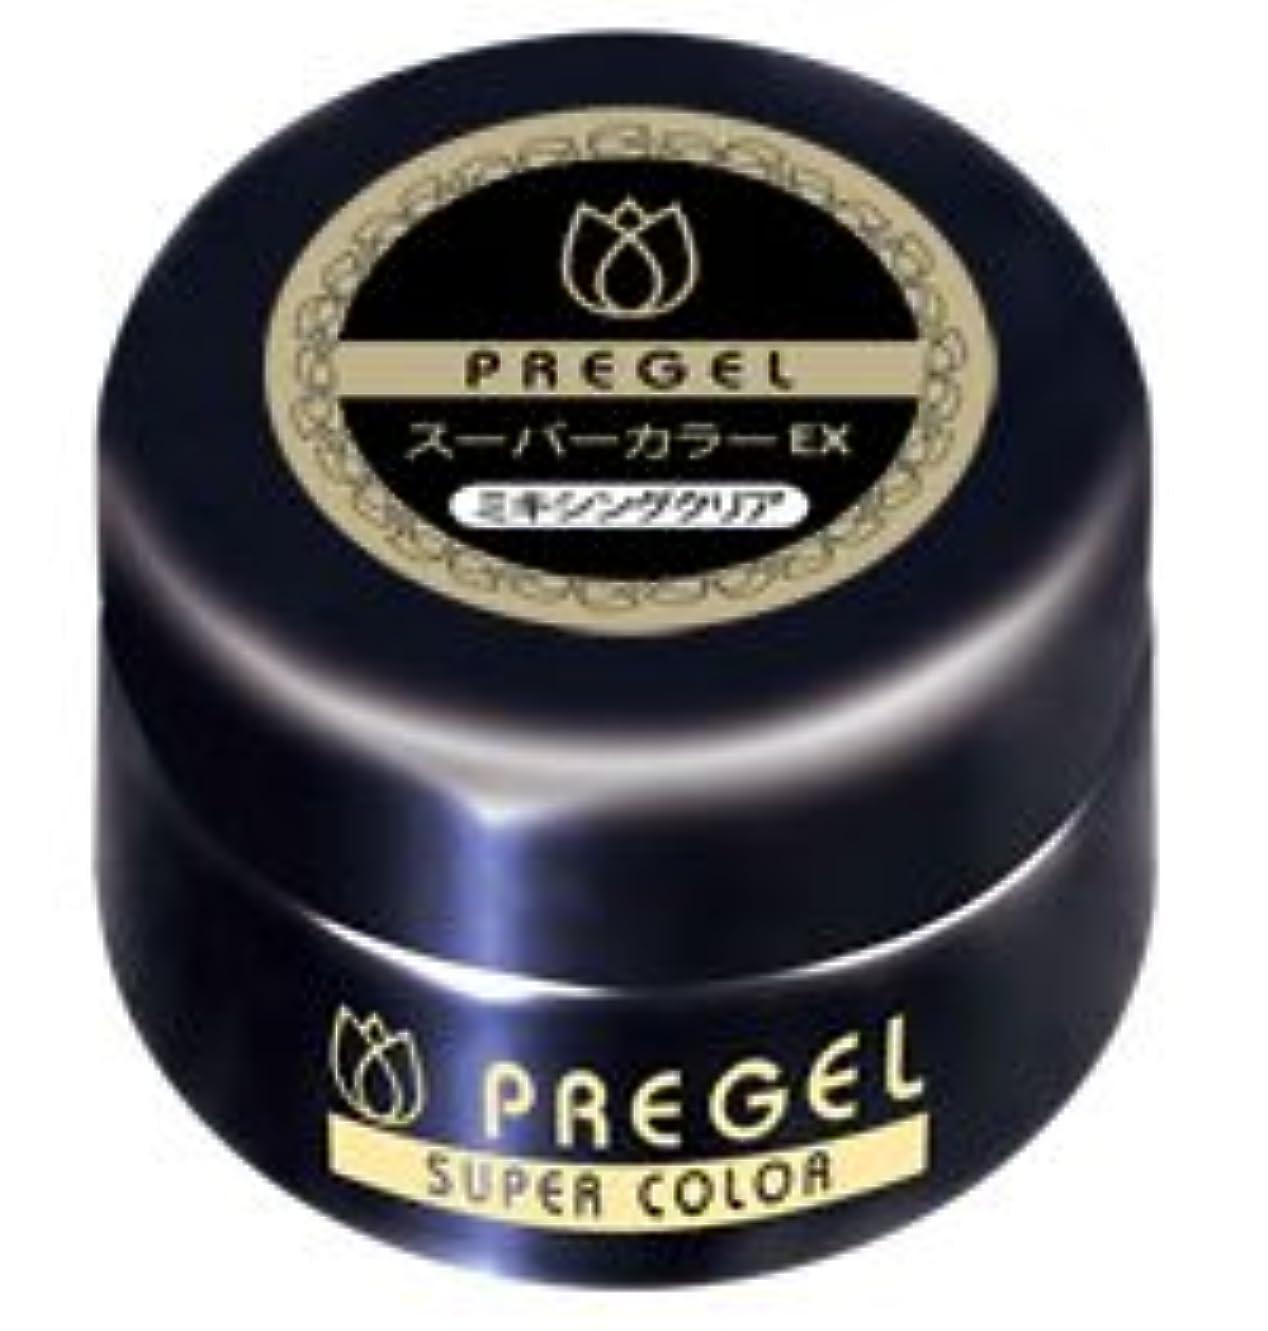 科学感謝している邪魔するPREGEL(プリジェル) スーパーカラーEx PG-SE000 <BR>ミキシングクリア 4g